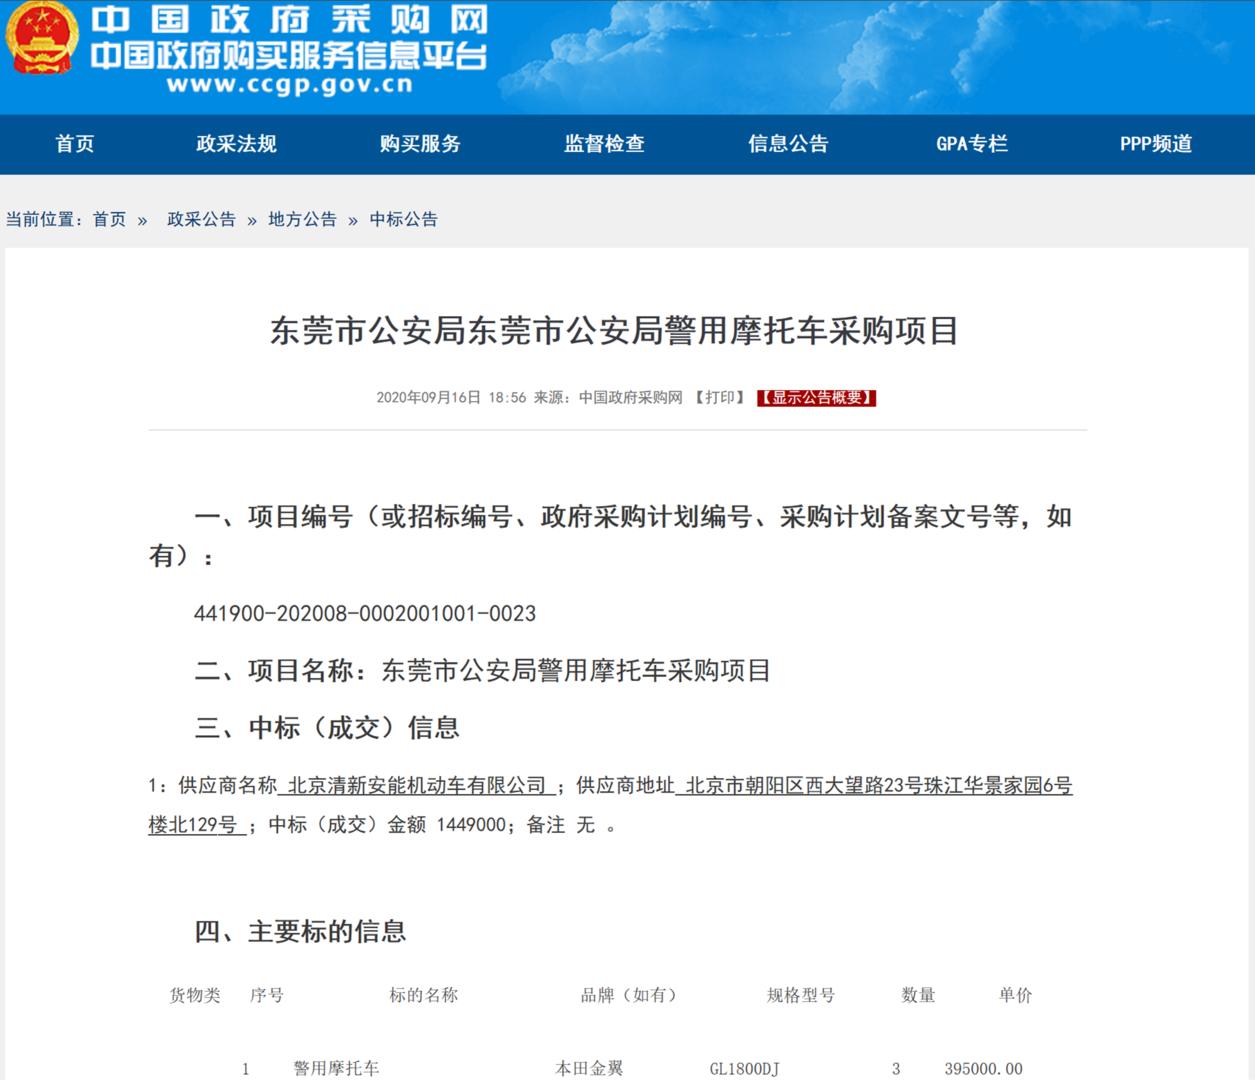 ▲相关采购公告。截图自中国政府采购网